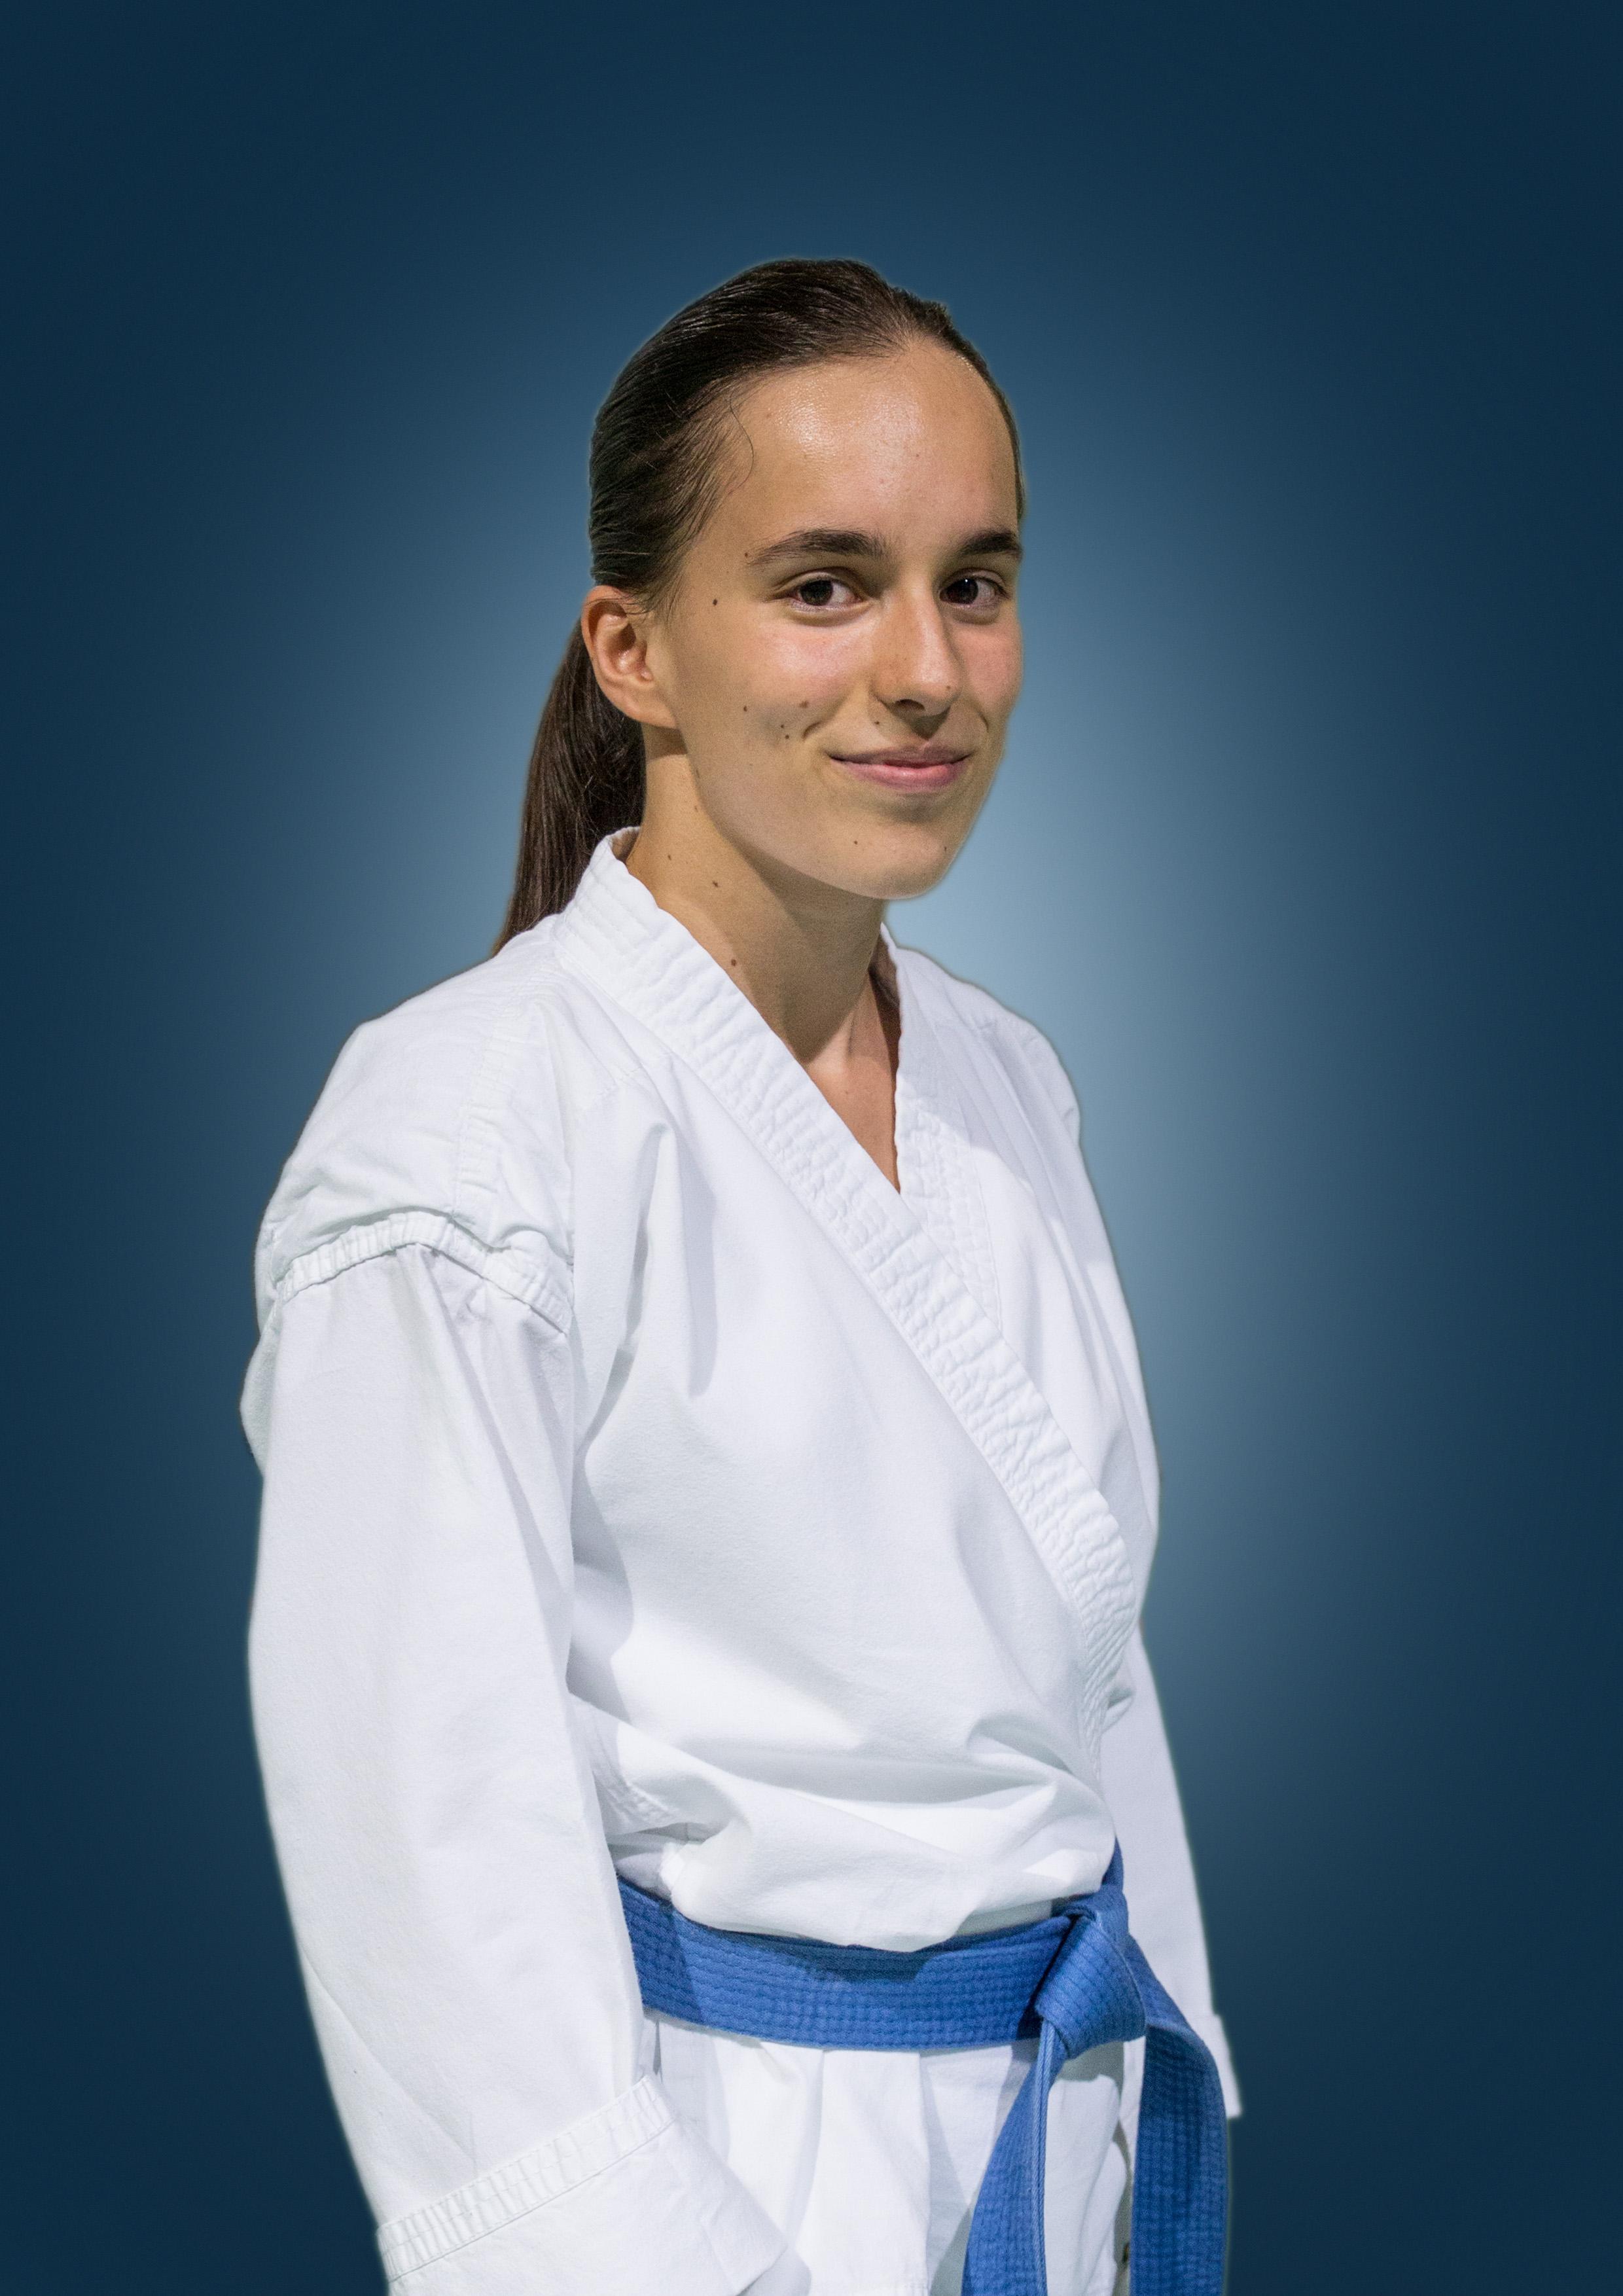 Lisa Lamprechtinger